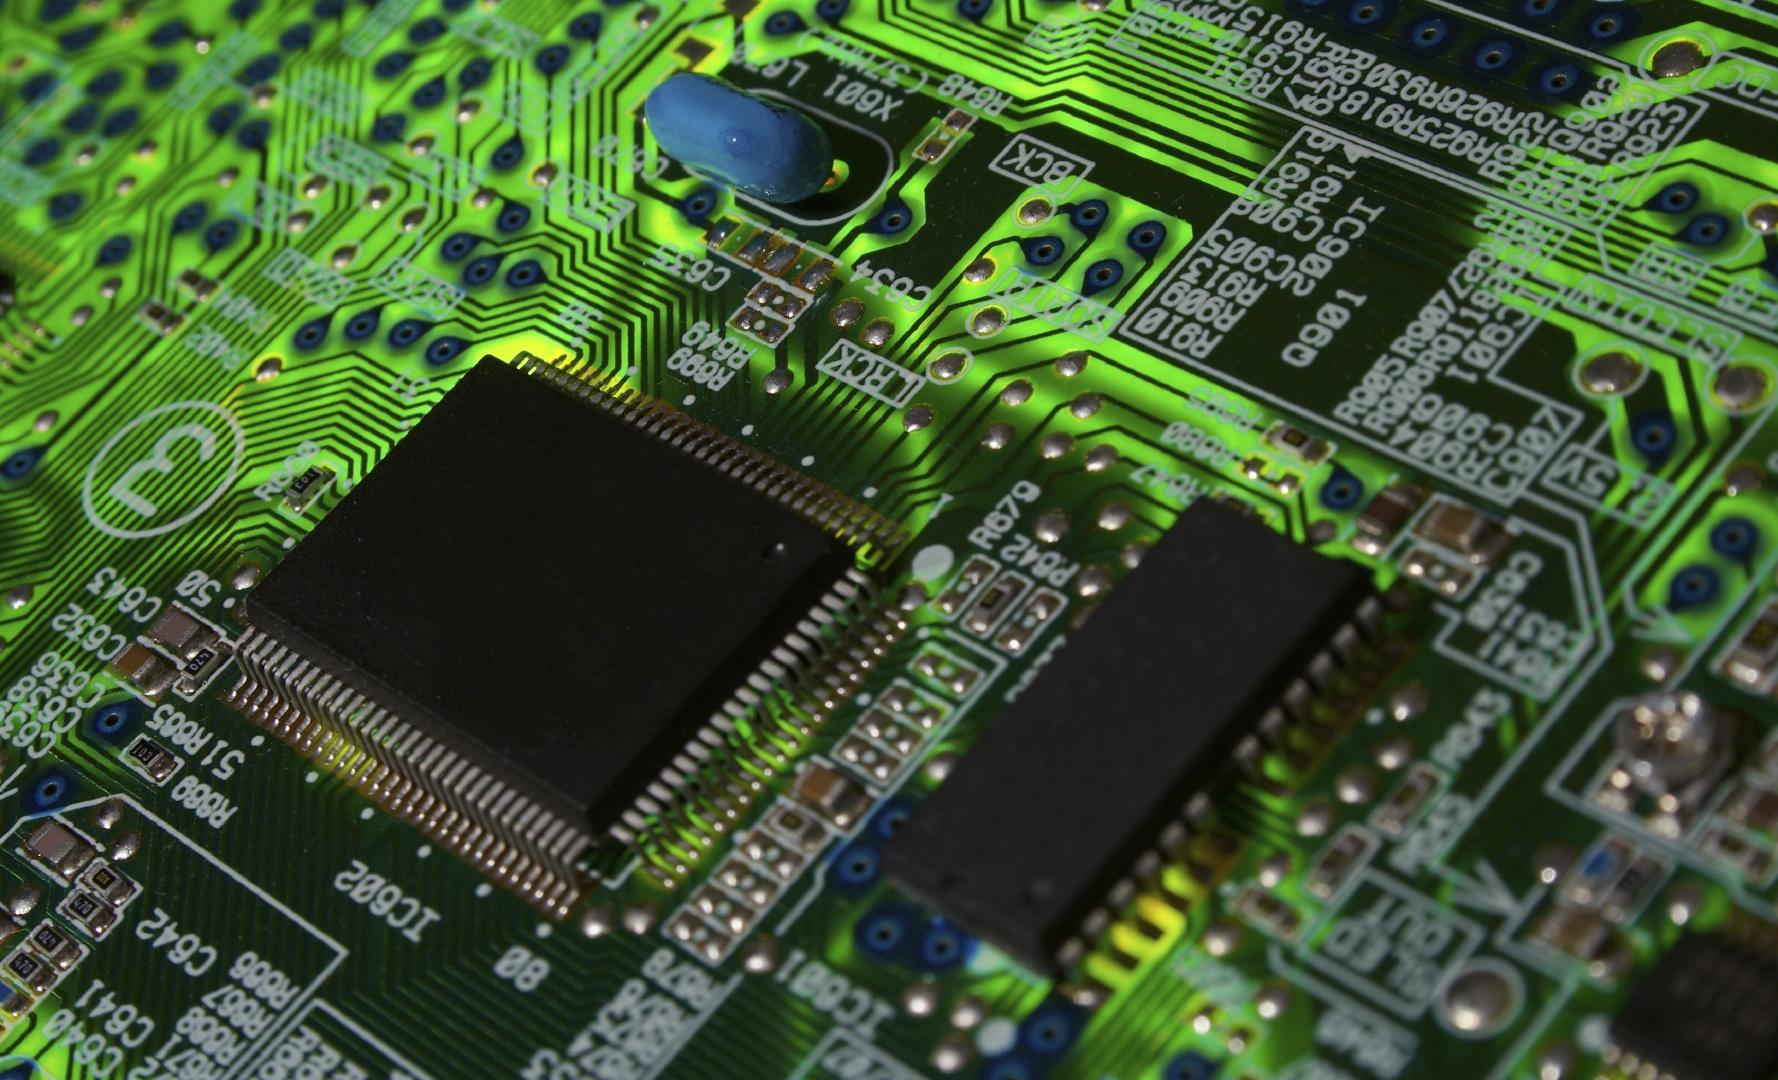 Circuit Board Images at Clkercom   vector clip art online 1778x1080